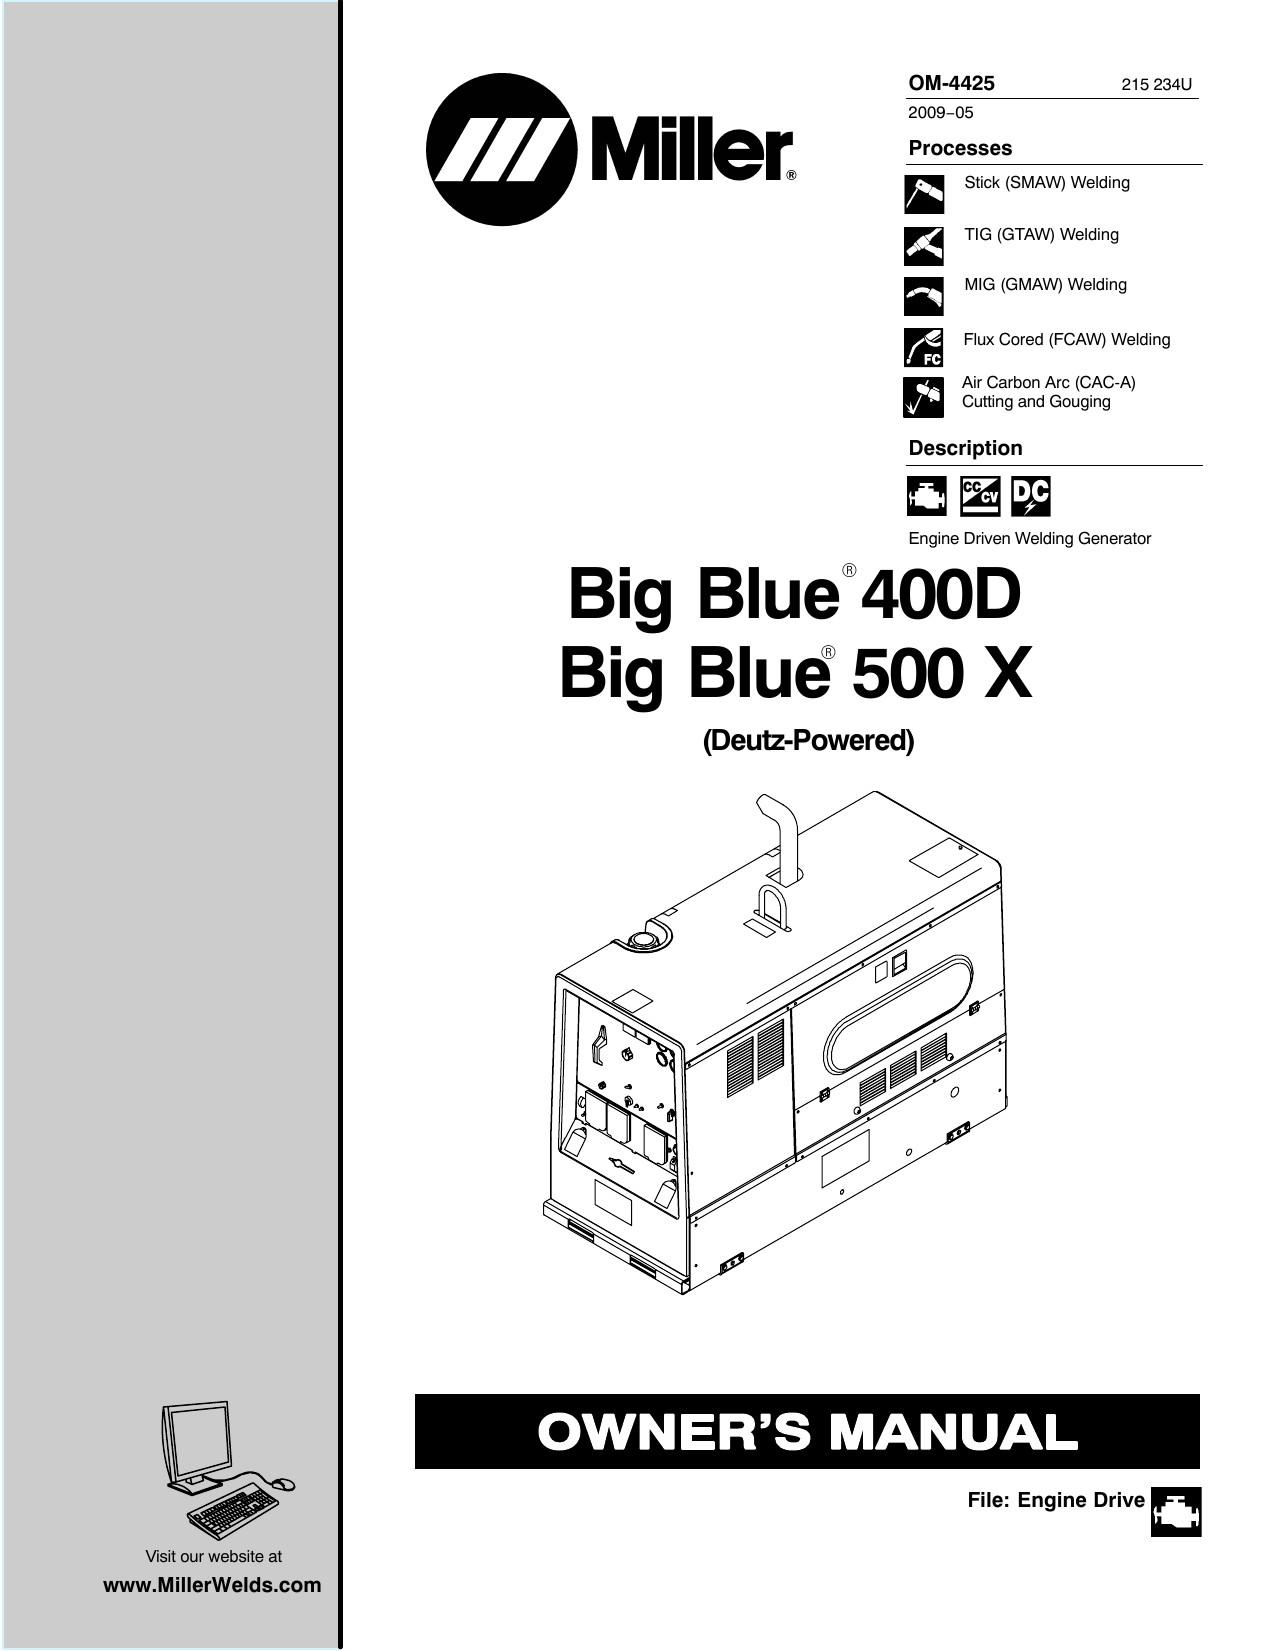 Deutz Engine Parts Diagram Big Blue 400d Big Blue 500 X Of Deutz Engine Parts Diagram Genia S 80 Boomlift Parts Manual